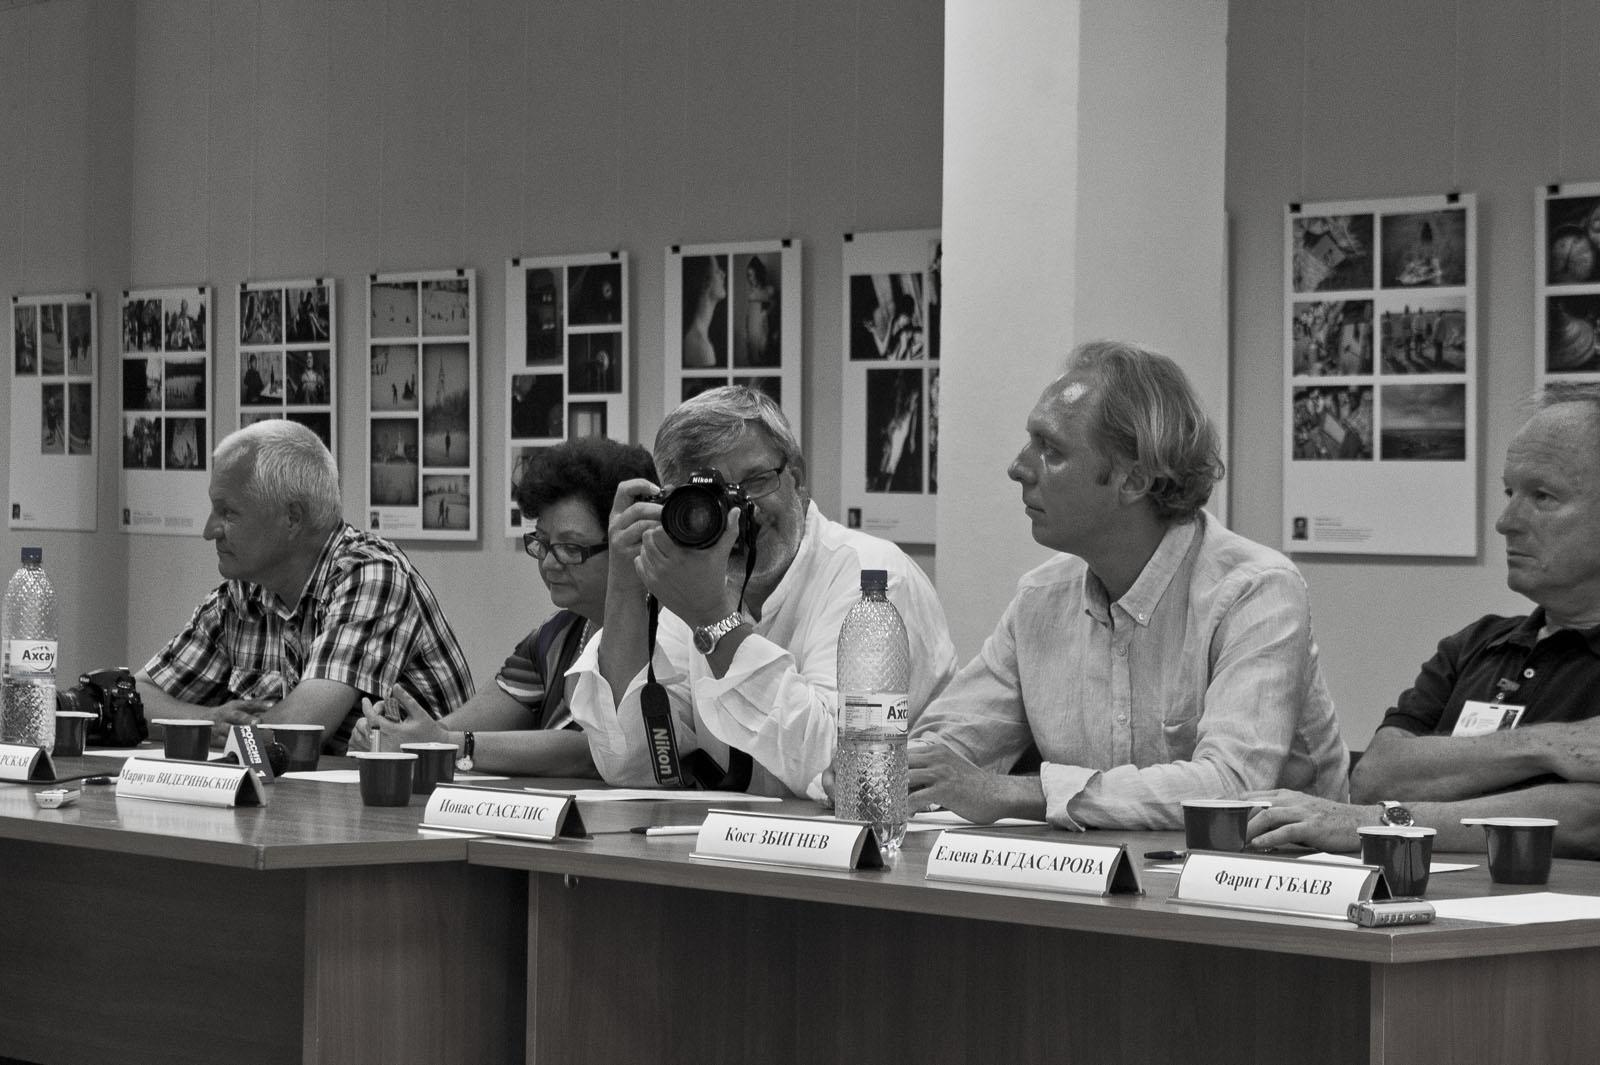 В.Павлов, С.Пожарская, М.Видерыньски, Й.Стаселис,З.Косц::«Молодые фотографы России – 2011»